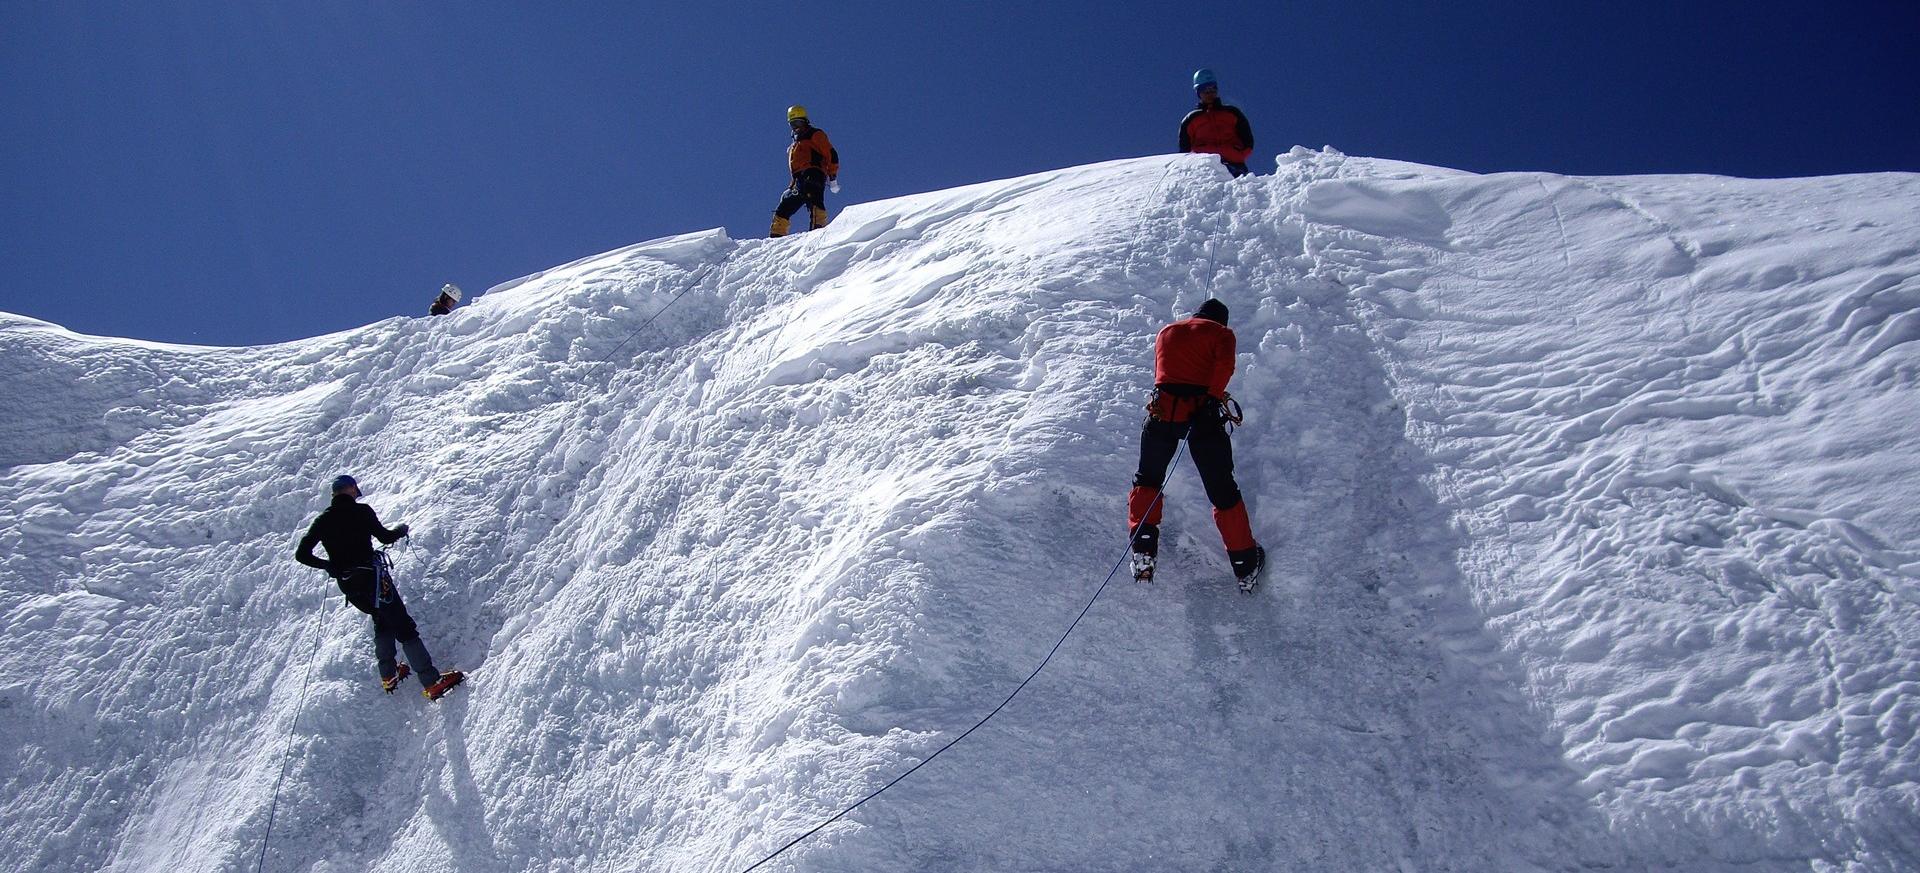 thapa-peak-climbing